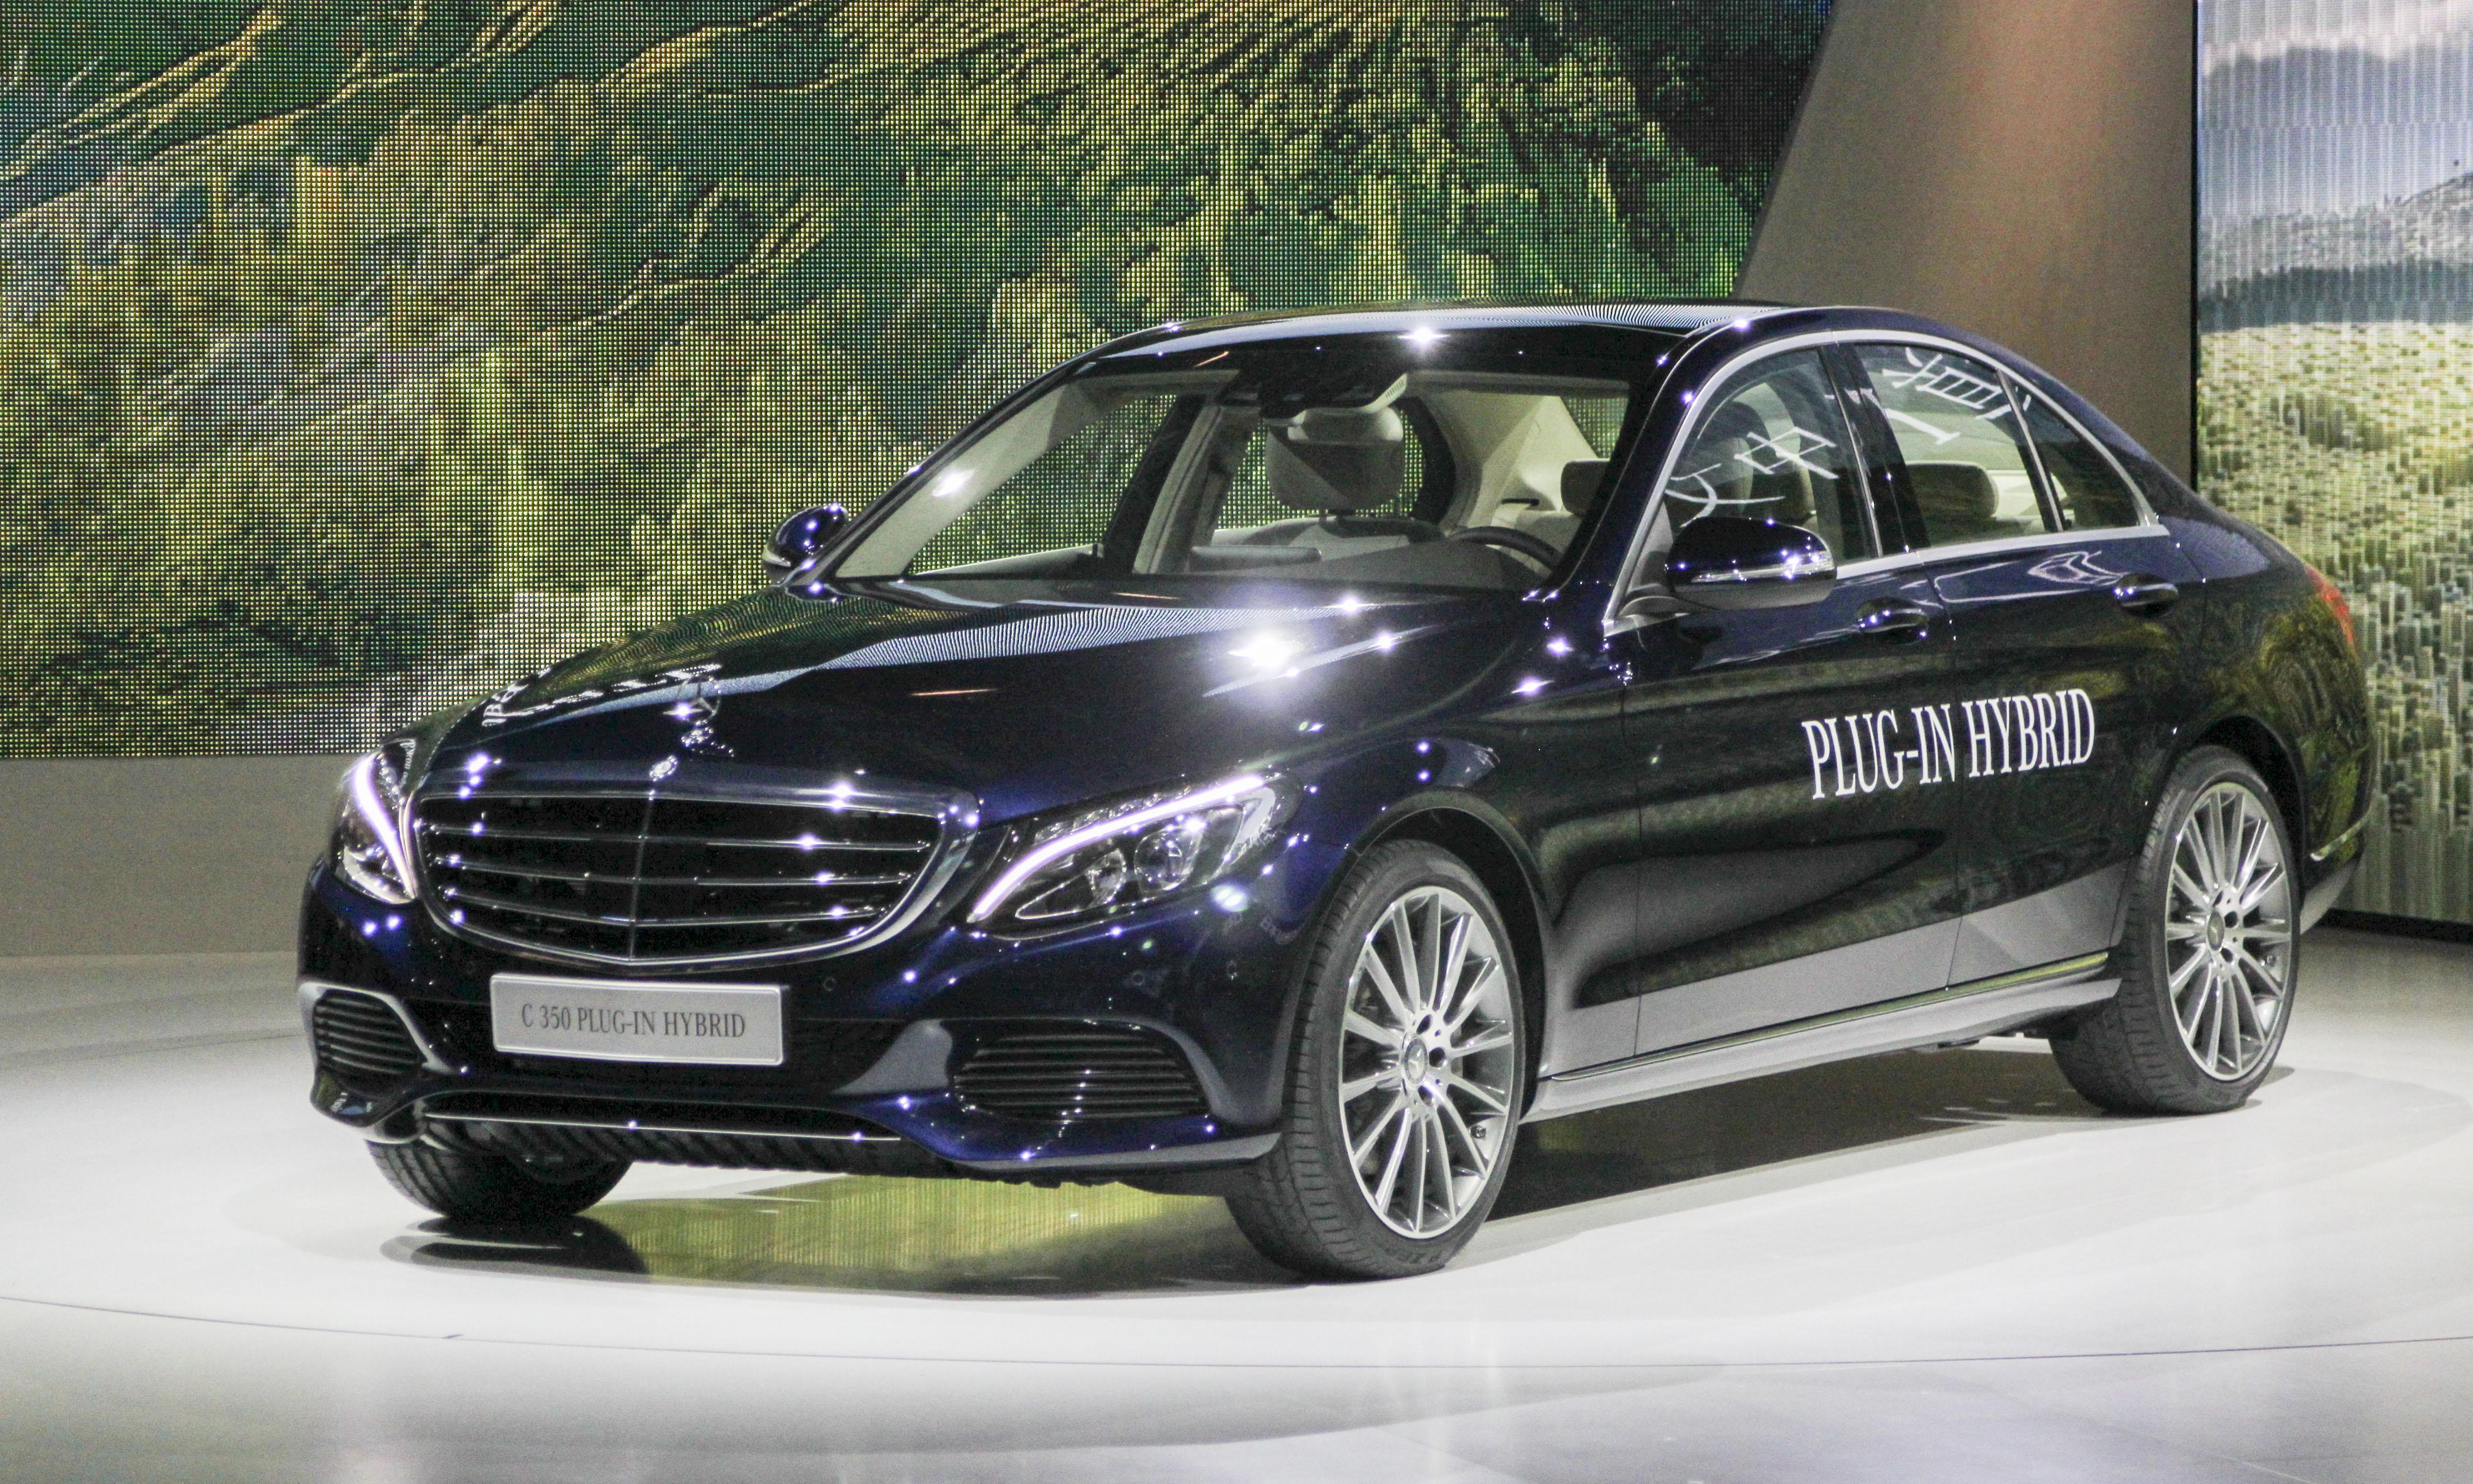 Mercedes-Benz C350 Plug-In Hybrid (c) Perry Stern